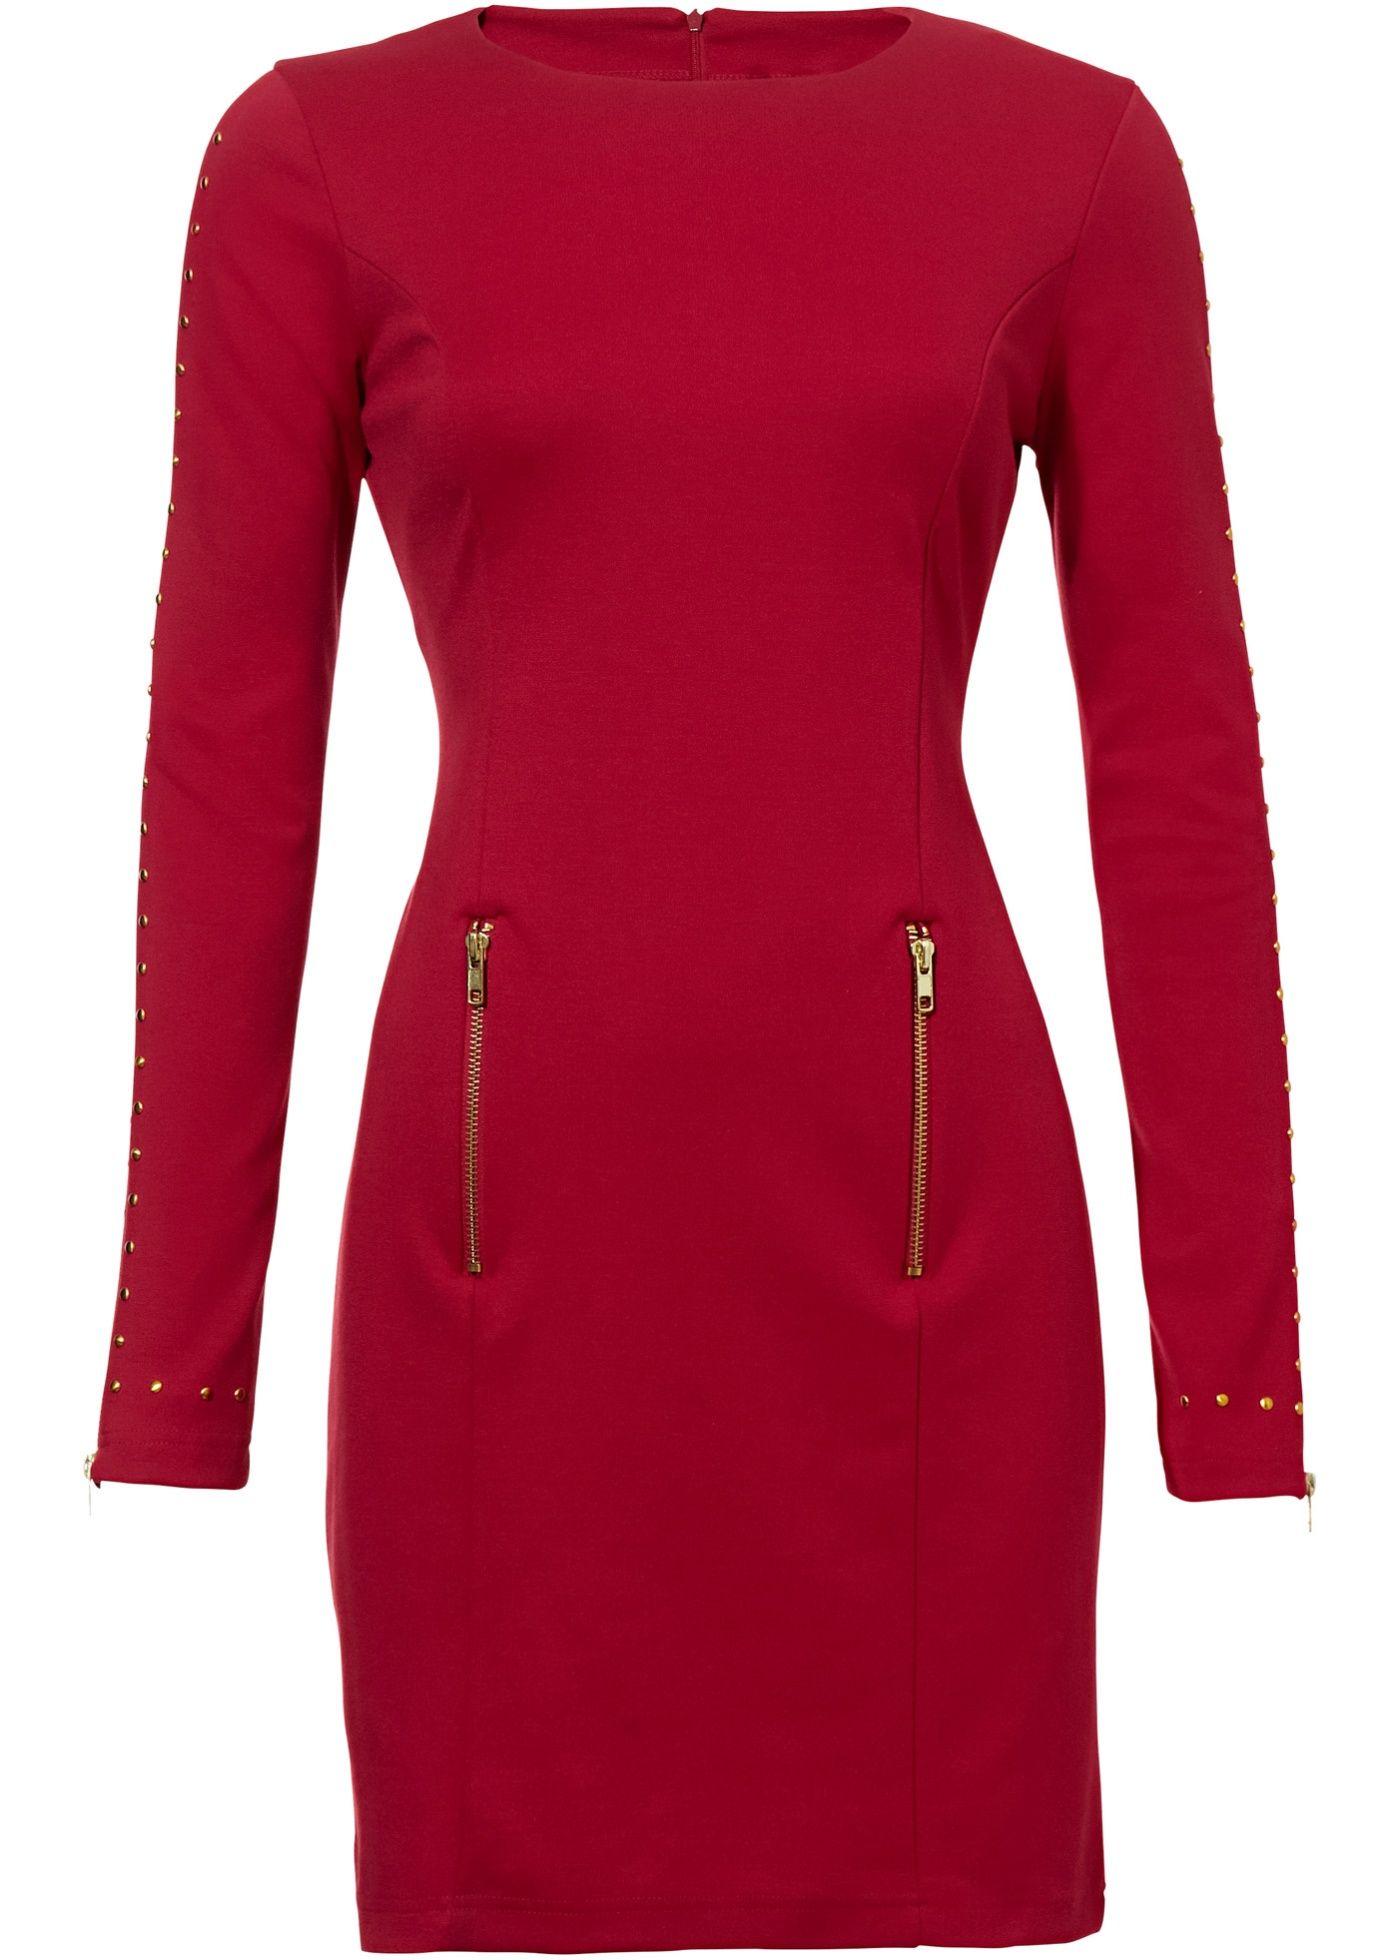 Vestido tubinho com tachas vermelho-escuro encomendar agora na loja on-line bonprix.de  R$ 179,90 a partir de Elegância clássica! Modelo com decote redondo ...